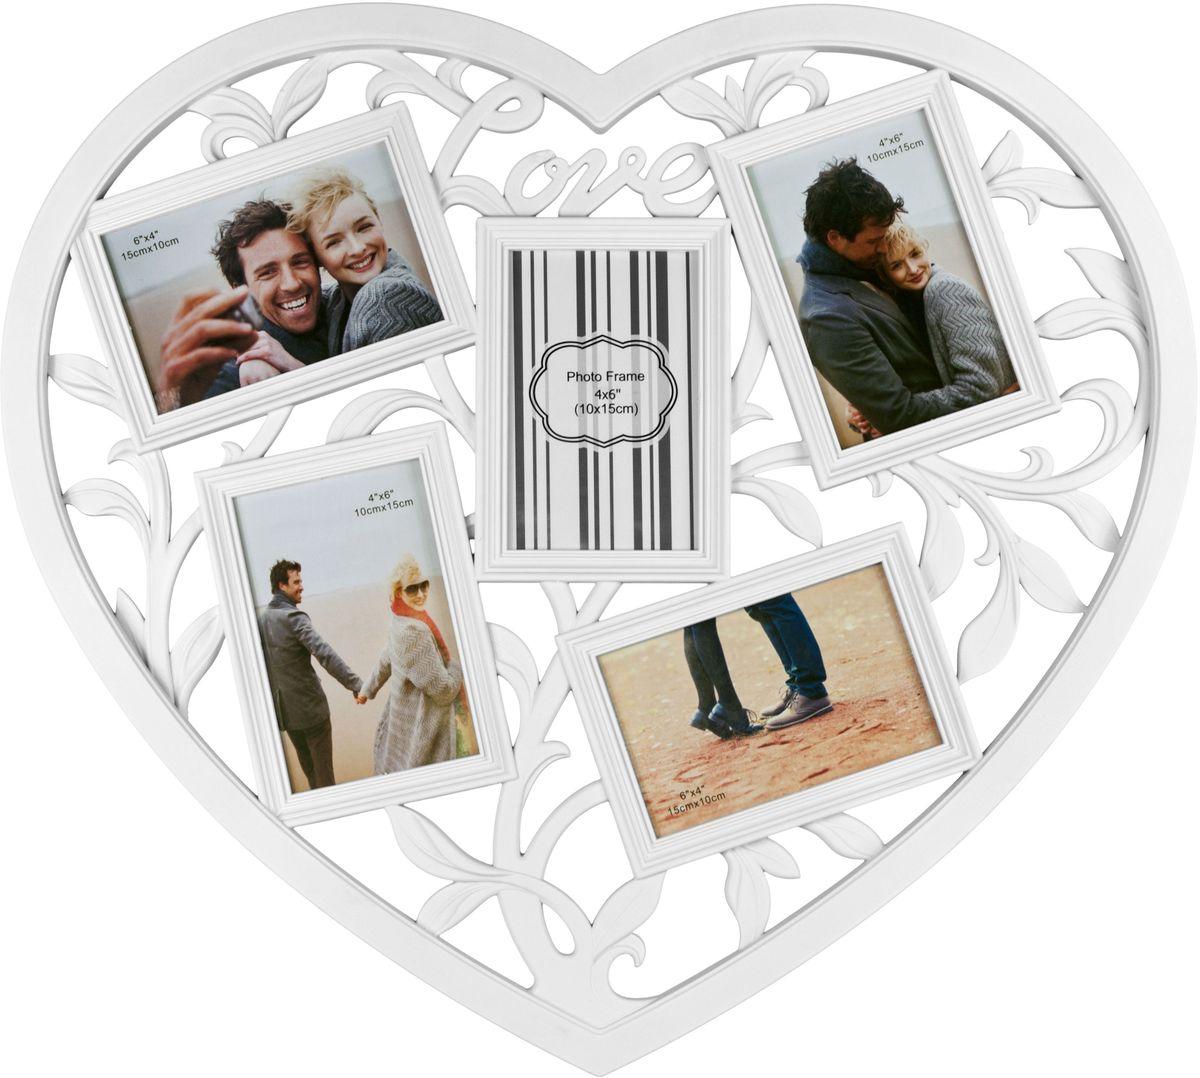 Фоторамка Platinum Сердце, цвет: белый, на 5 фото 10 х 15 см46295 РР-46100Фоторамка Platinum Сердце - прекрасный способ красиво оформить ваши фотографии. Фоторамка выполнена из пластика в виде сердца и защищена стеклом. Фоторамка-коллаж представляет собой пять фоторамок для фото одного размера оригинально соединенных между собой. Такая фоторамка поможет сохранить в памяти самые яркие моменты вашей жизни, а стильный дизайн сделает ее прекрасным дополнением интерьера комнаты.Фоторамка подходит для фотографий 10 х 15 см.Общий размер фоторамки: 45 х 49 см.